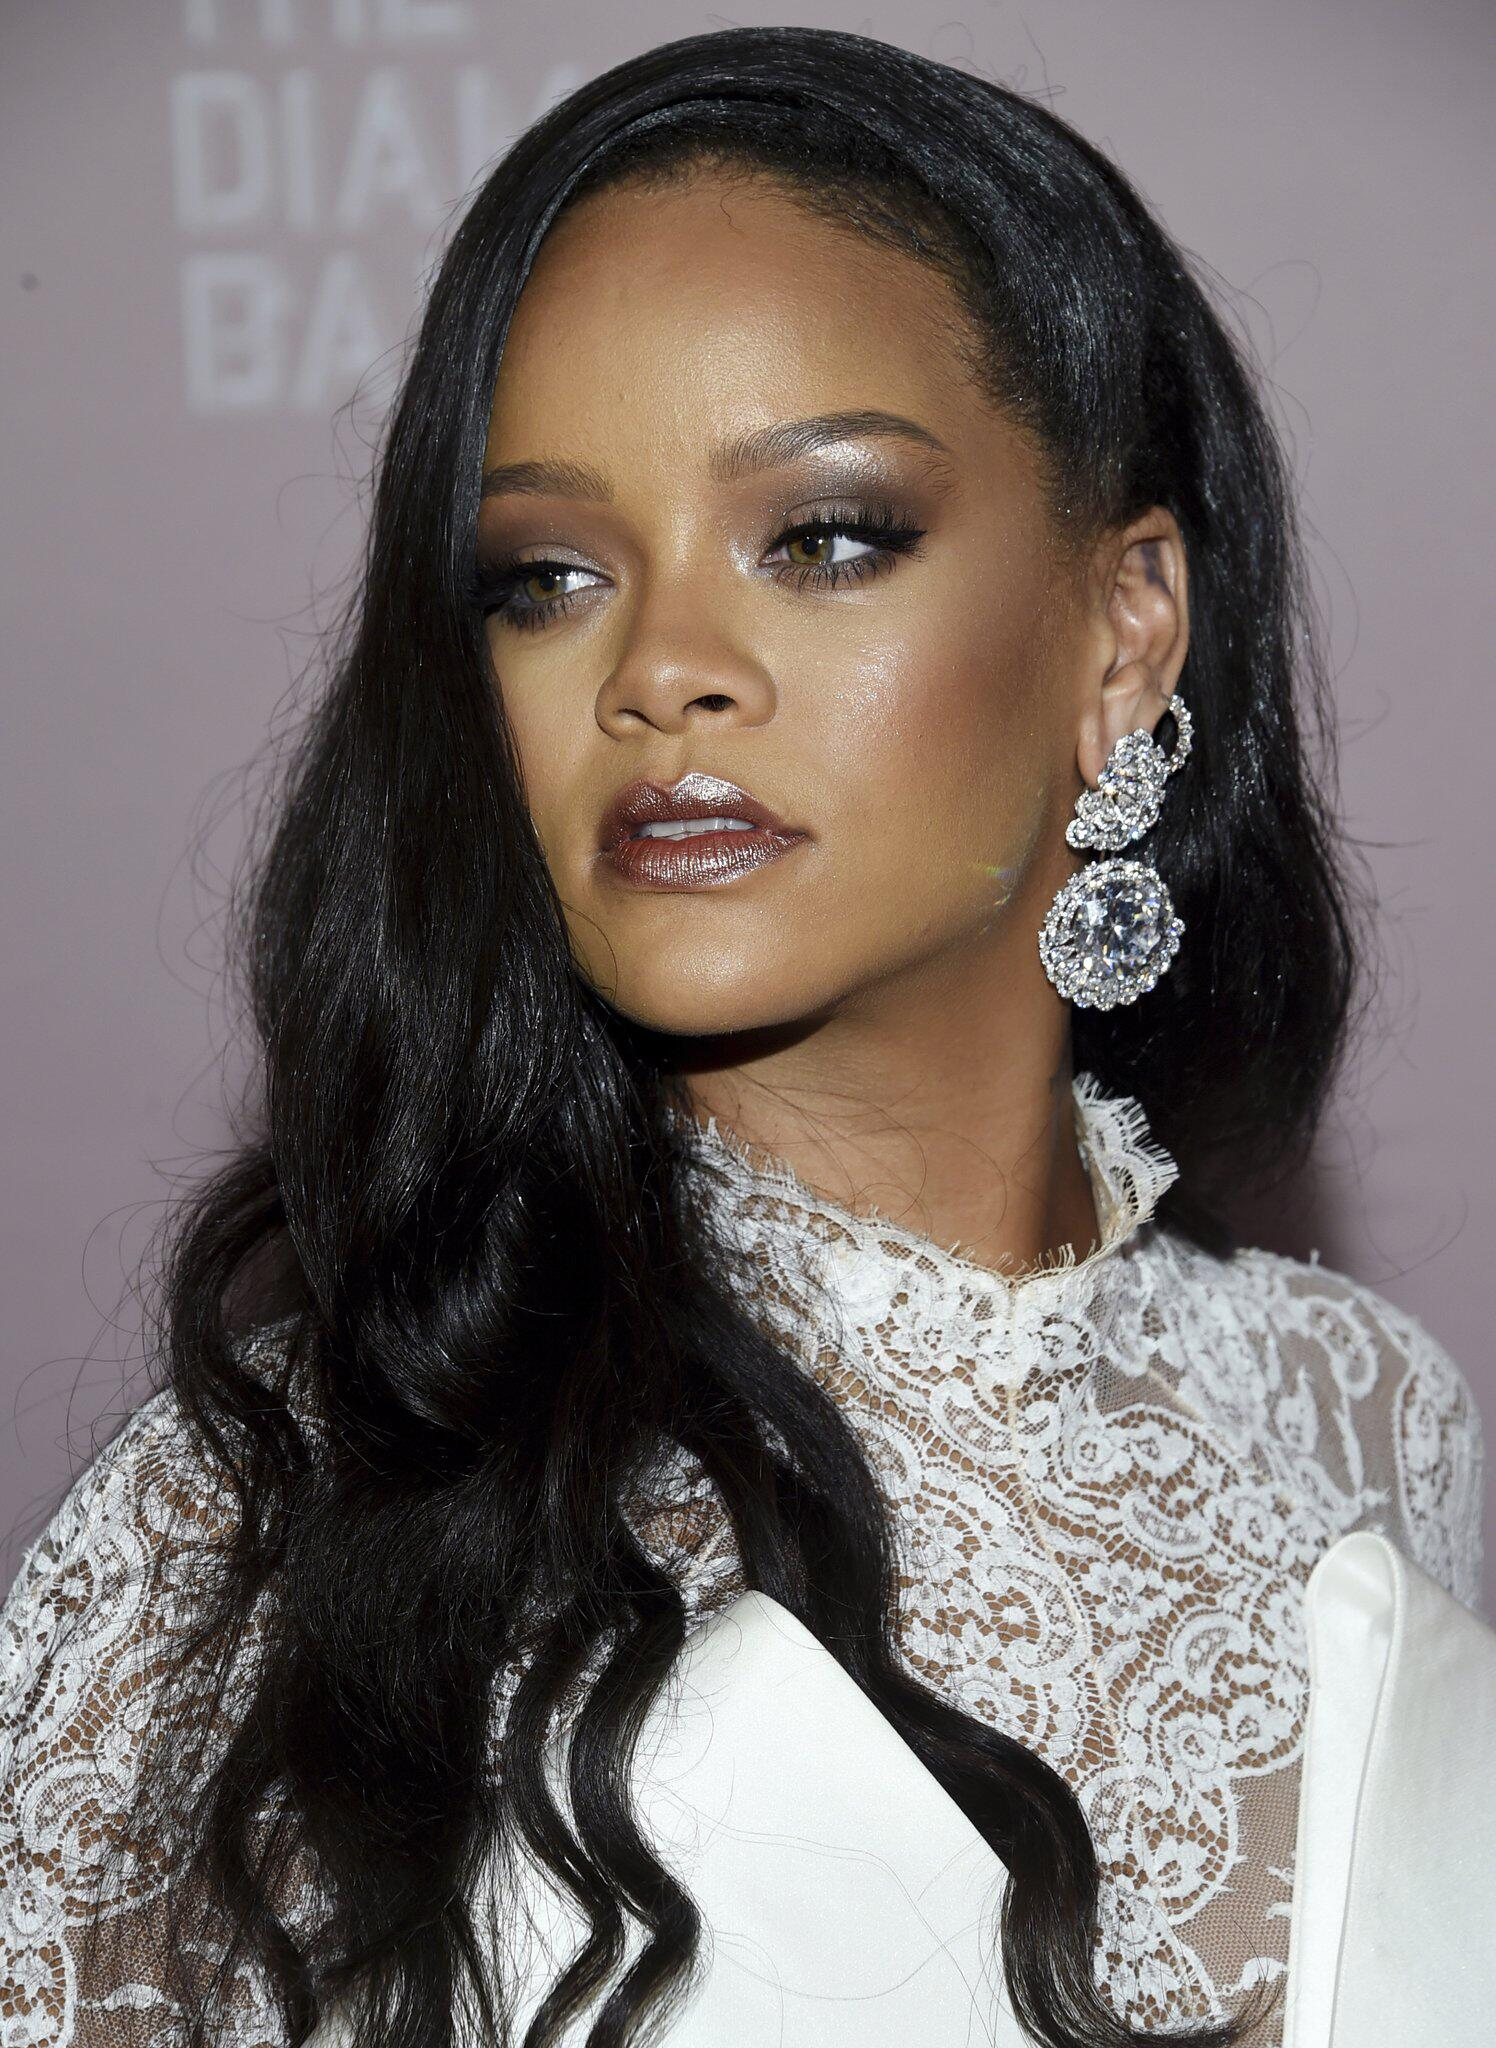 Bild zu Sängerin Rihanna